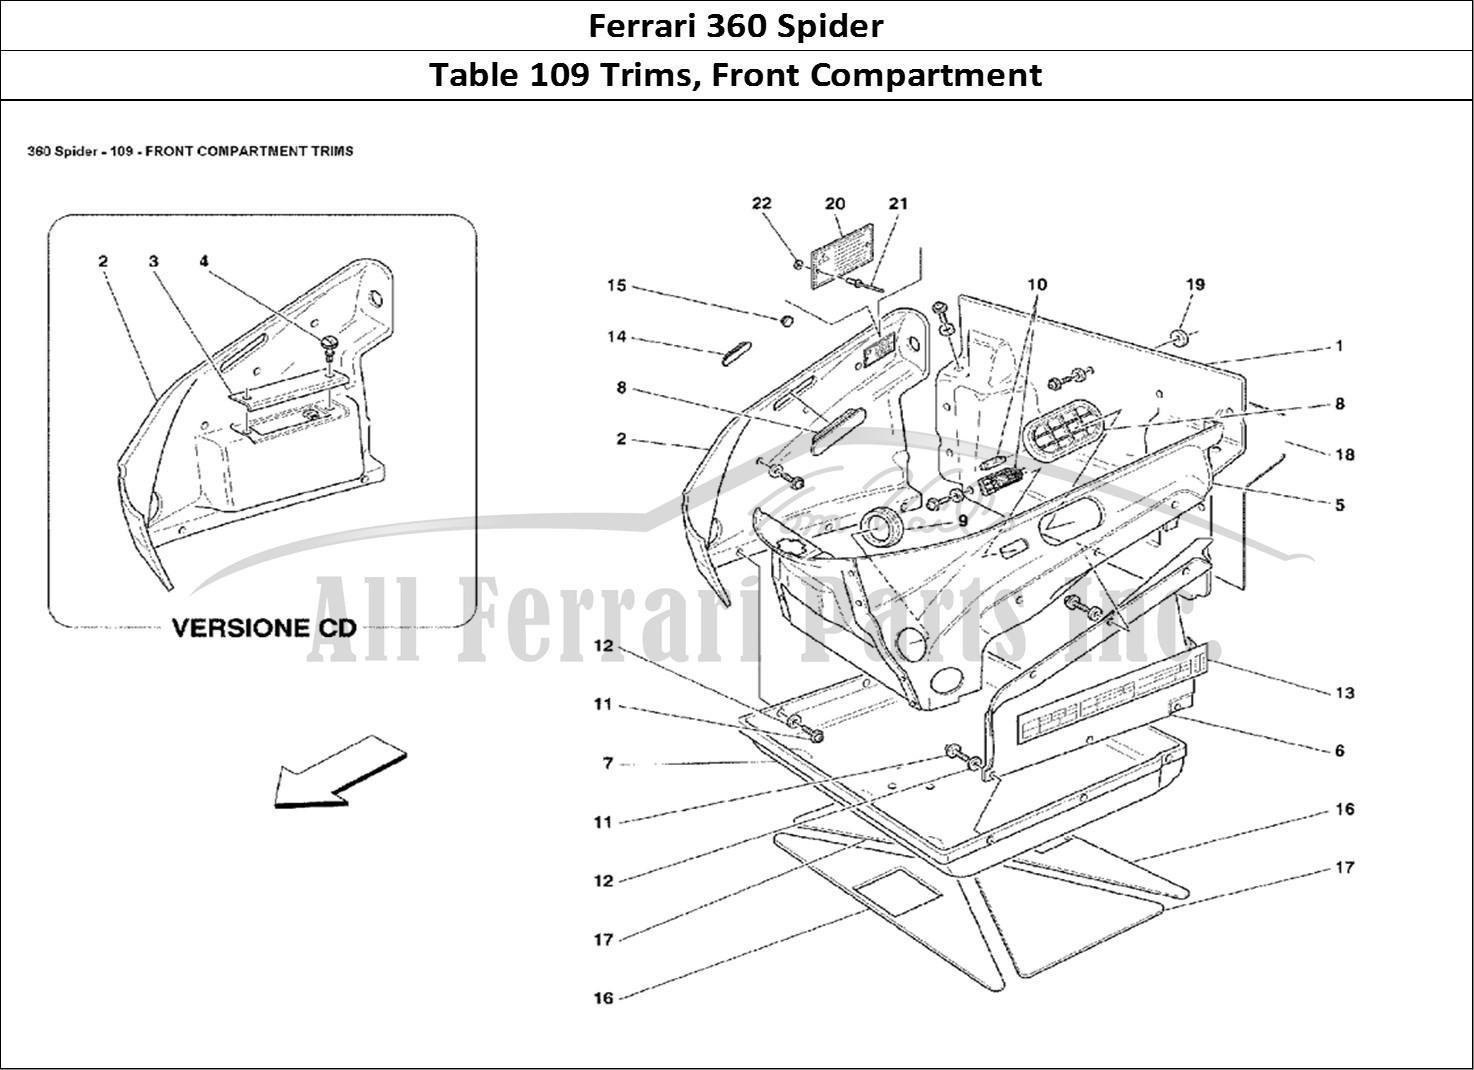 Buy original Ferrari 360 Spider 109 Trims, Front